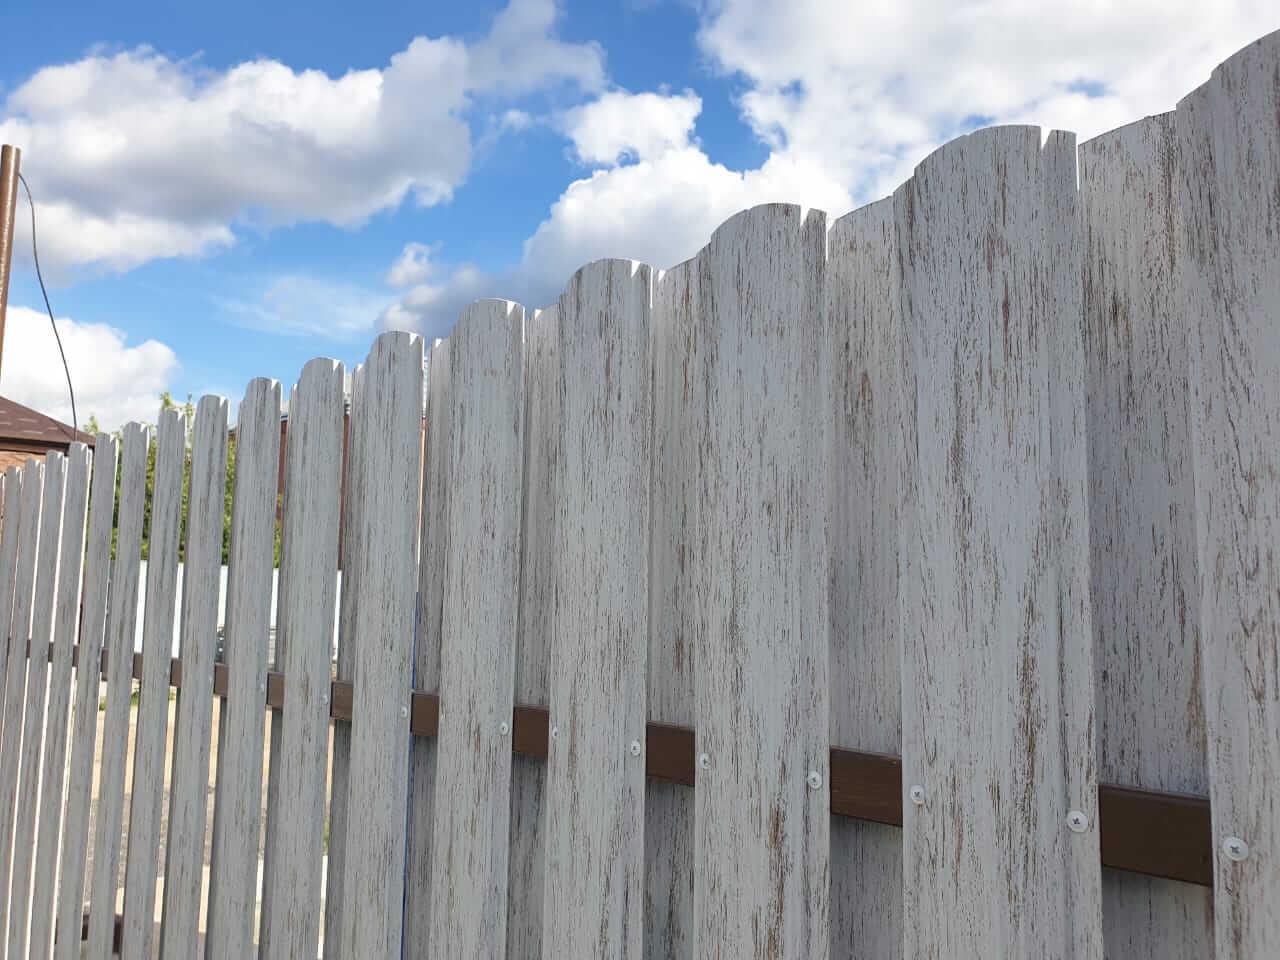 забор из штакетника Белёный Дуб фото5